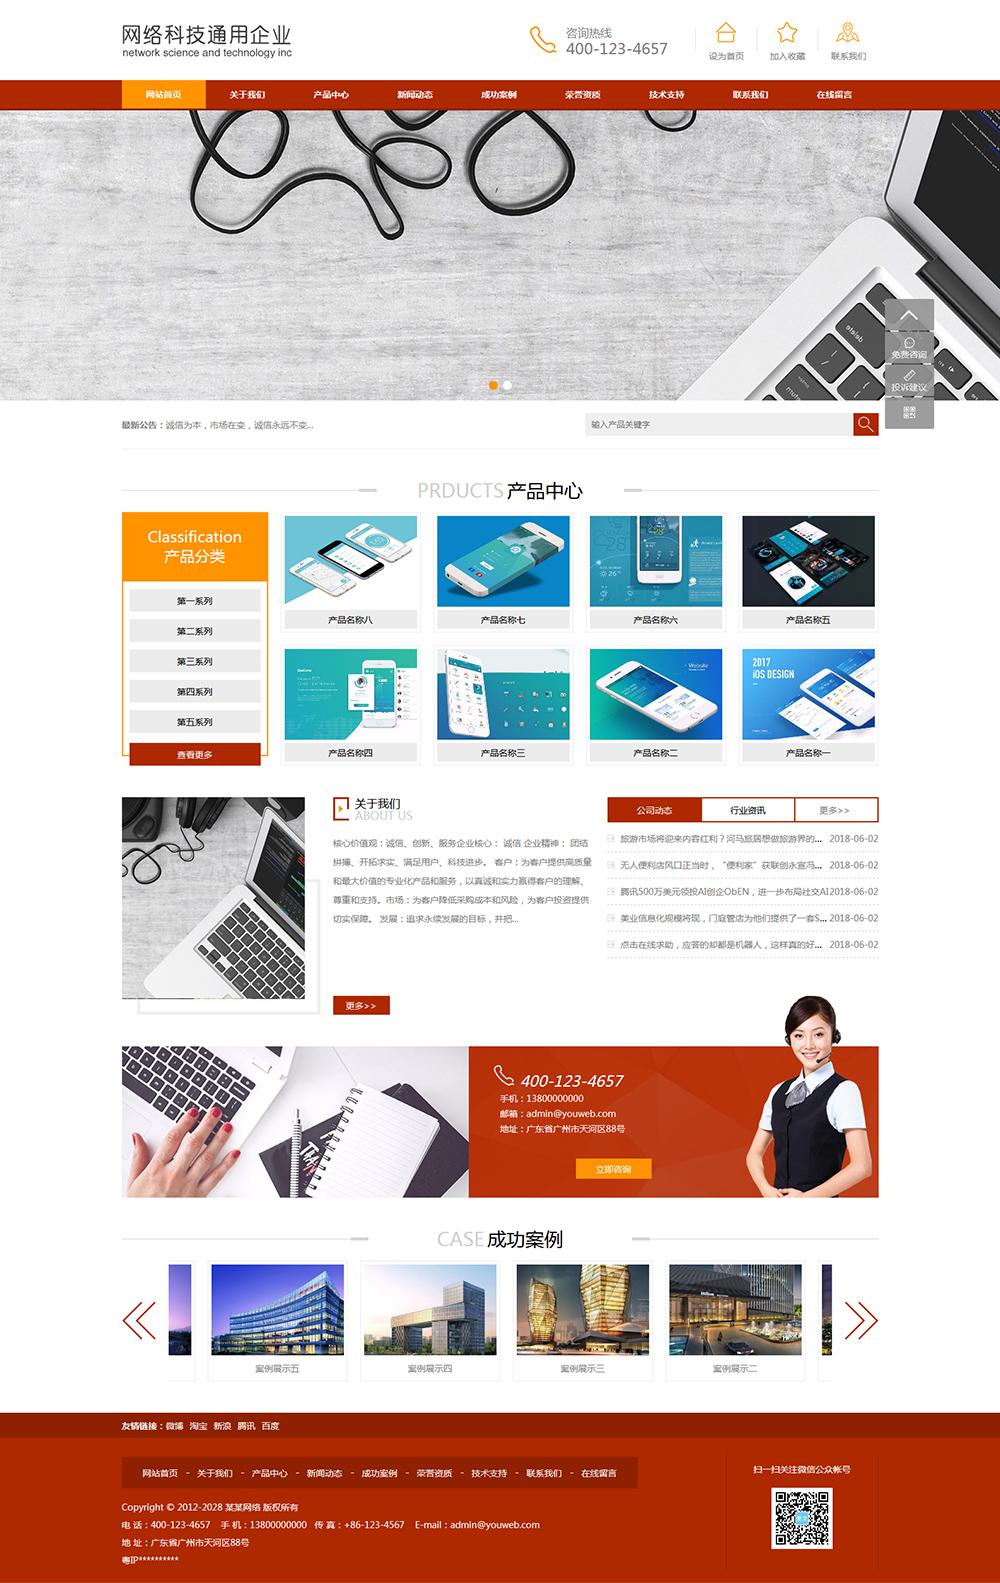 网络软件科技公司网站企业模板